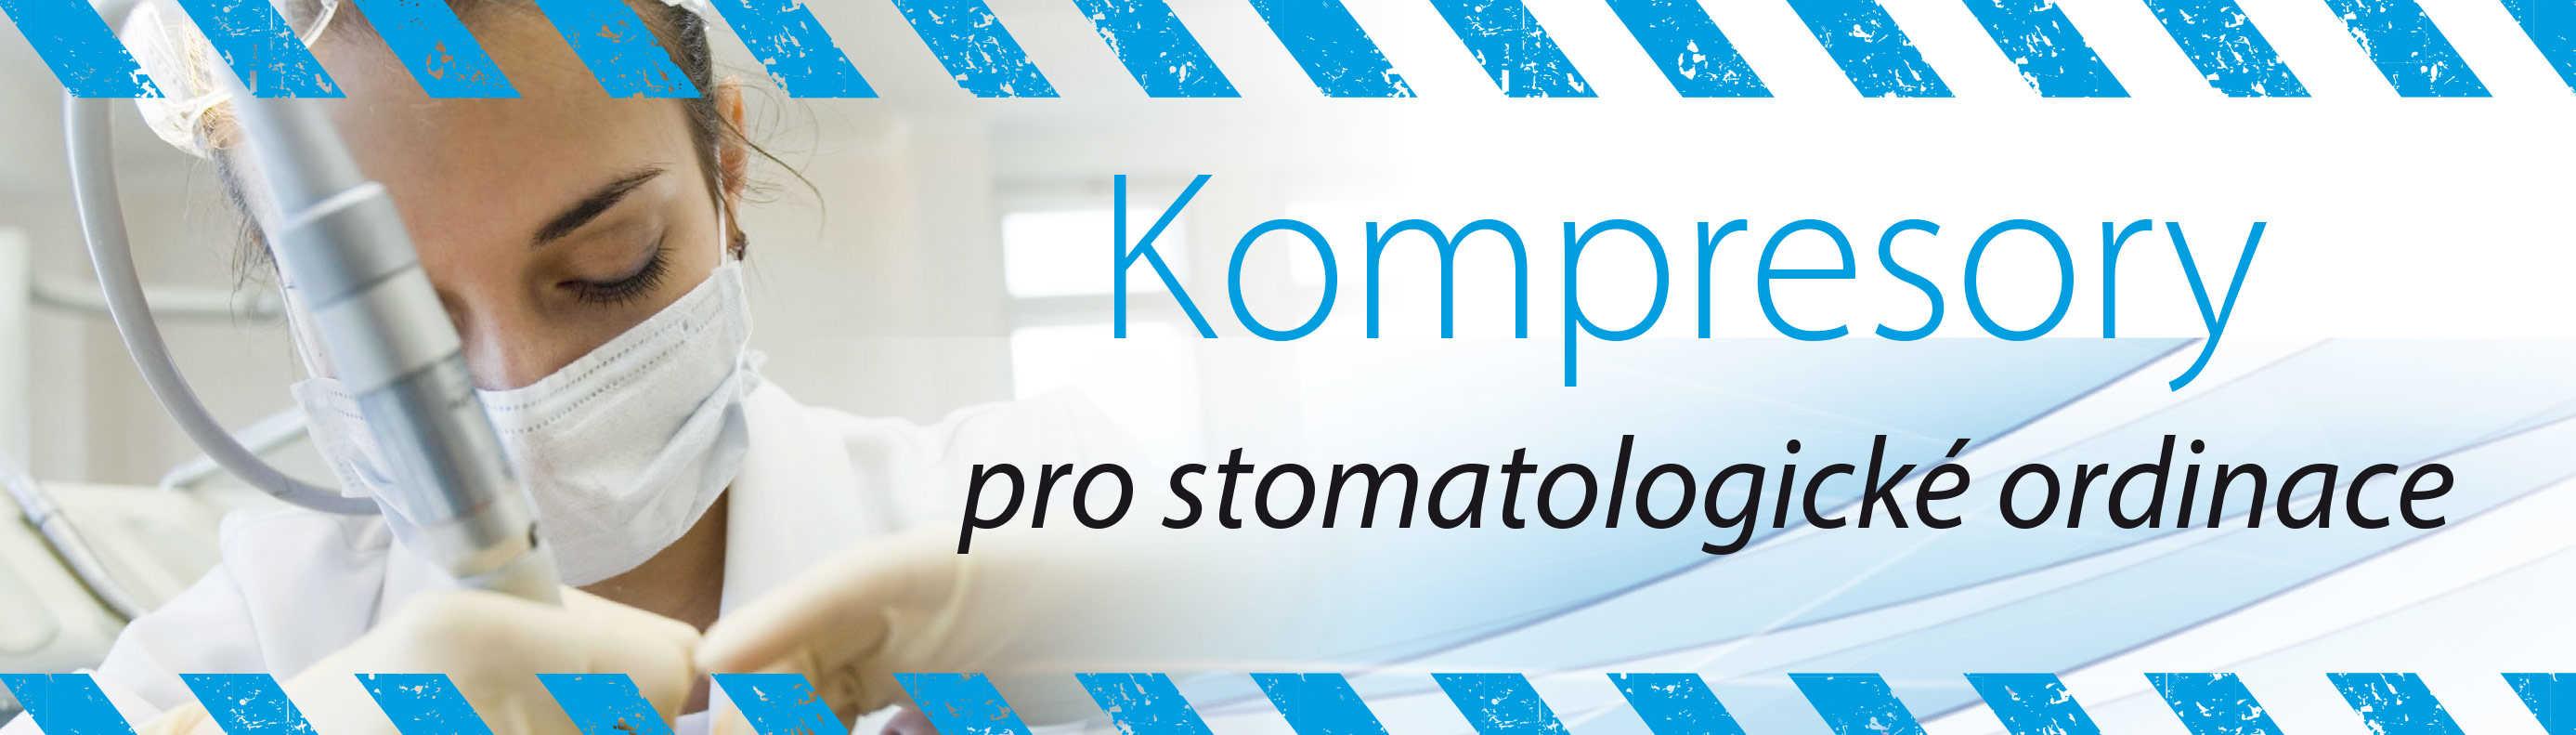 Stomatologické kompresory pro zubaře